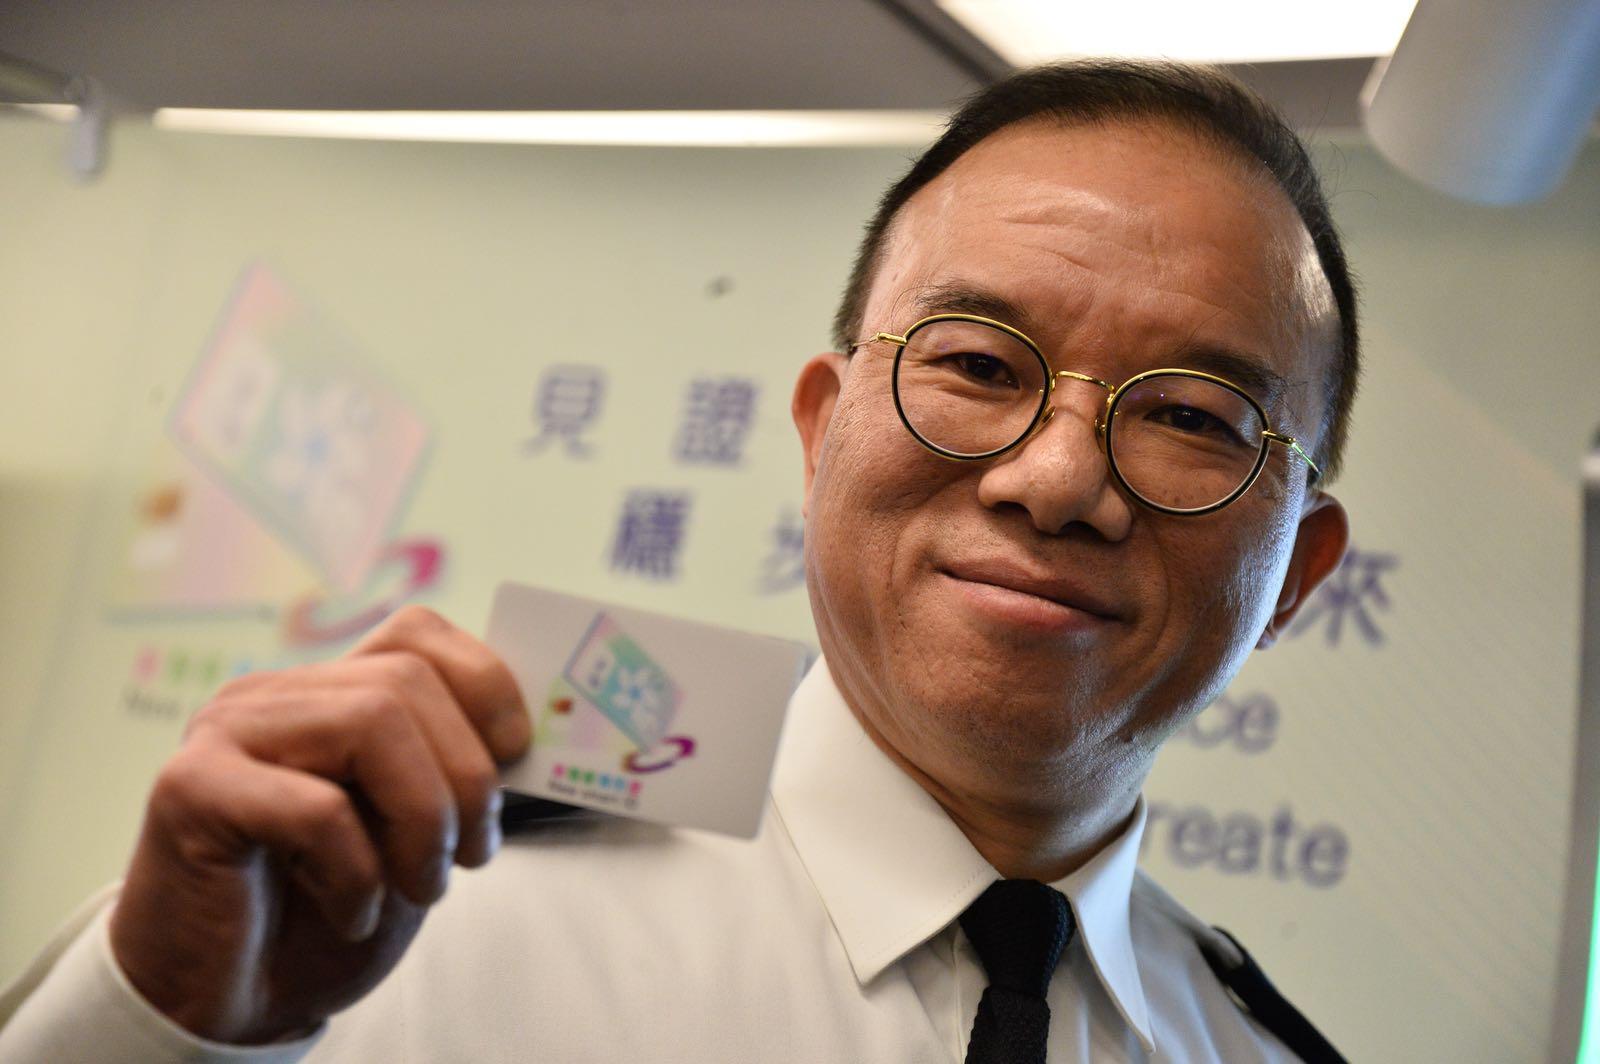 入境處處長曾國衛表示,新一代智能身分證由高質量聚碳酸不碎膠製成。